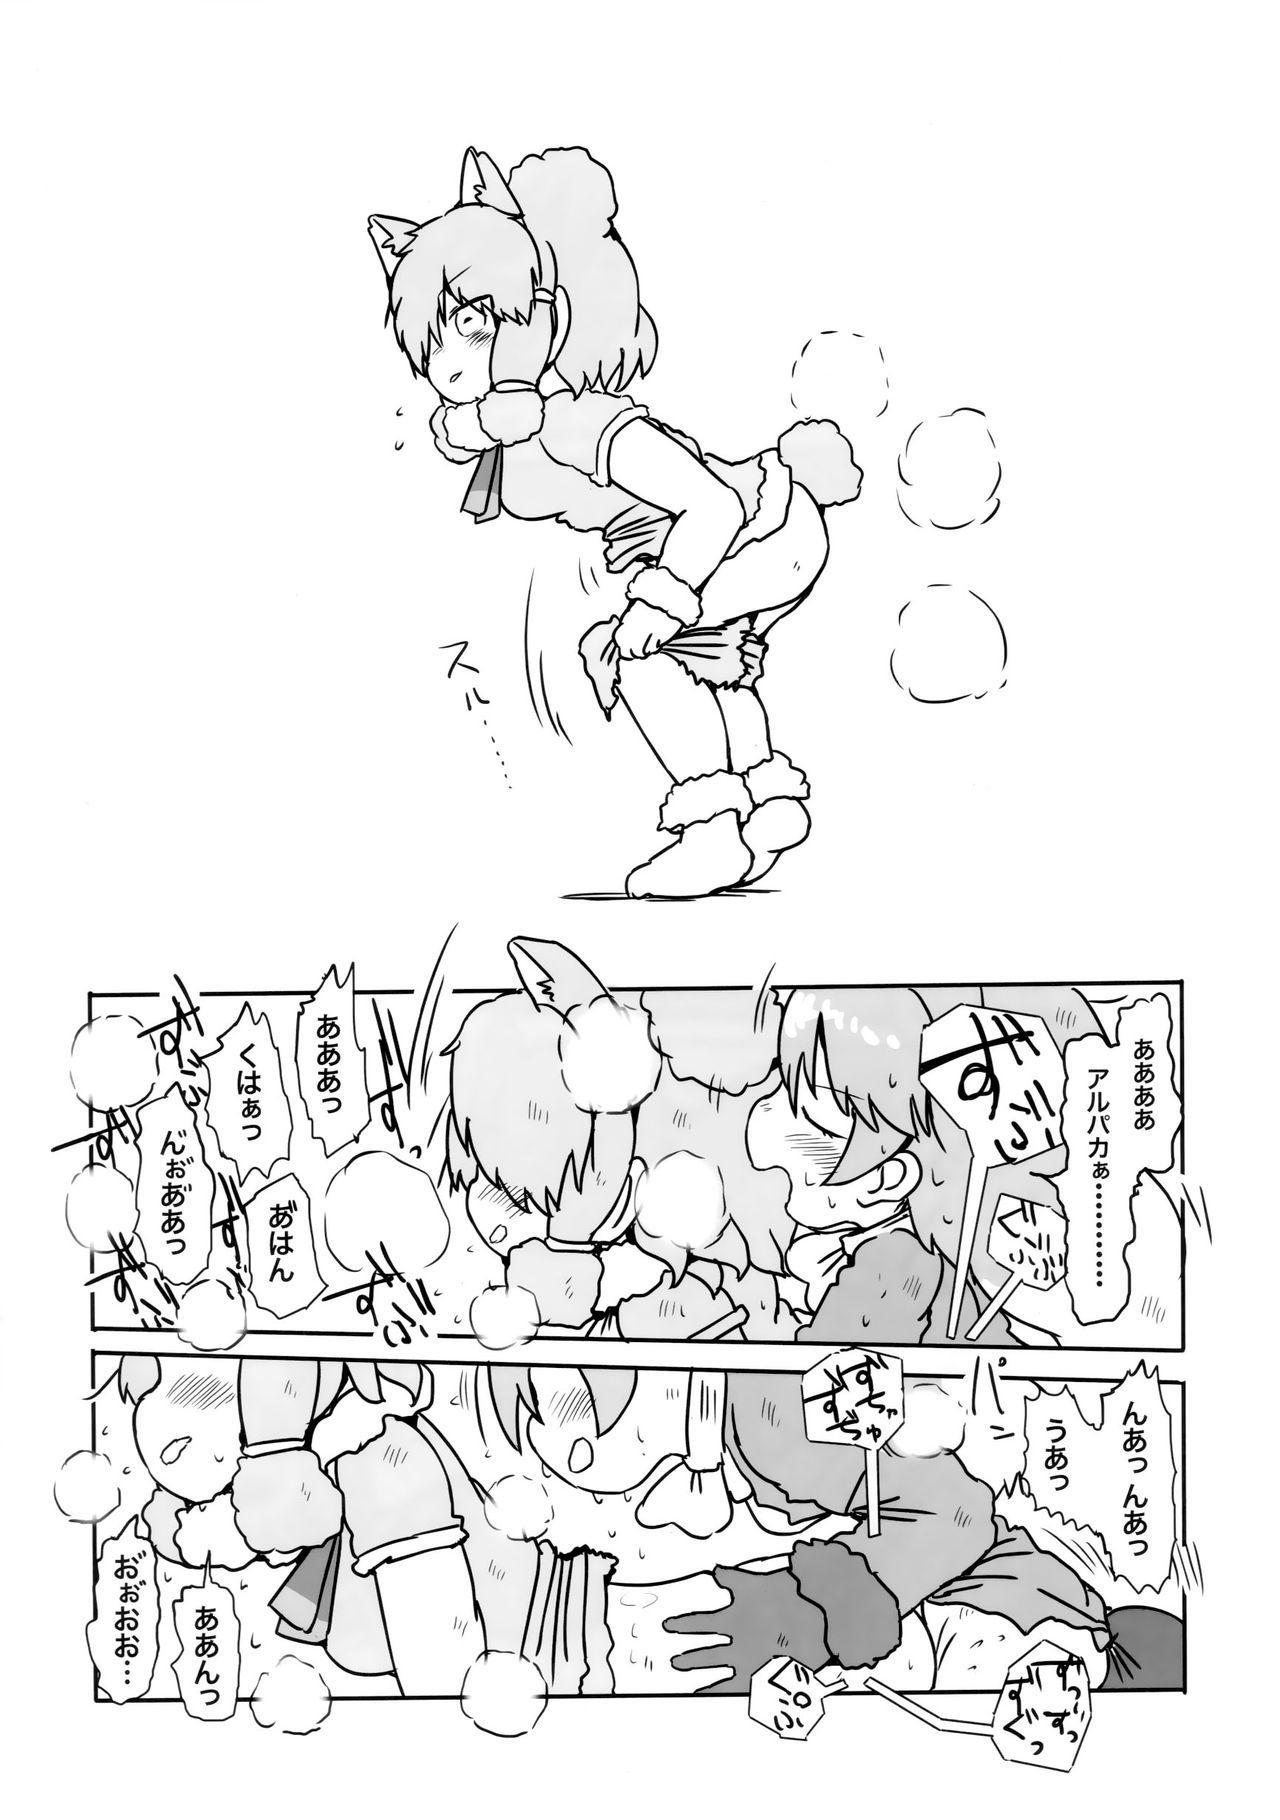 Boku, Koko de Zutto Kimi to Itai. 15